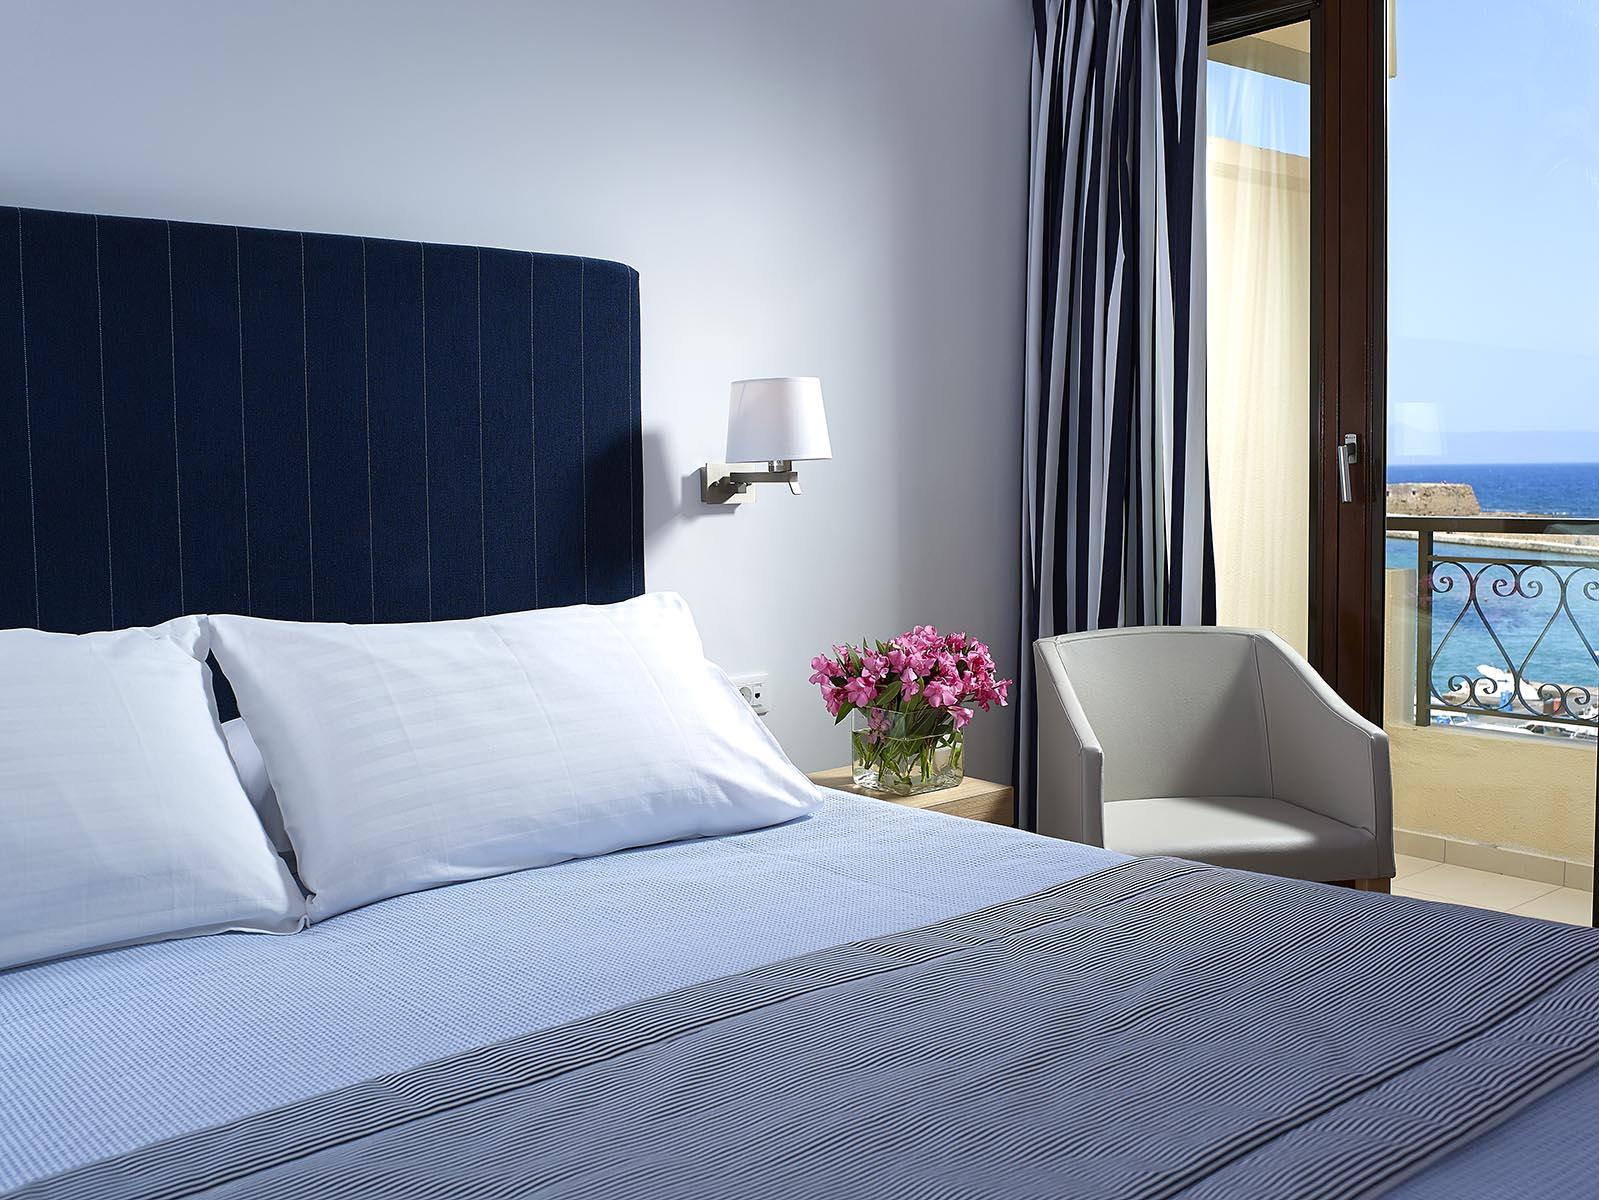 χανια δωματια - Porto Veneziano Hotel